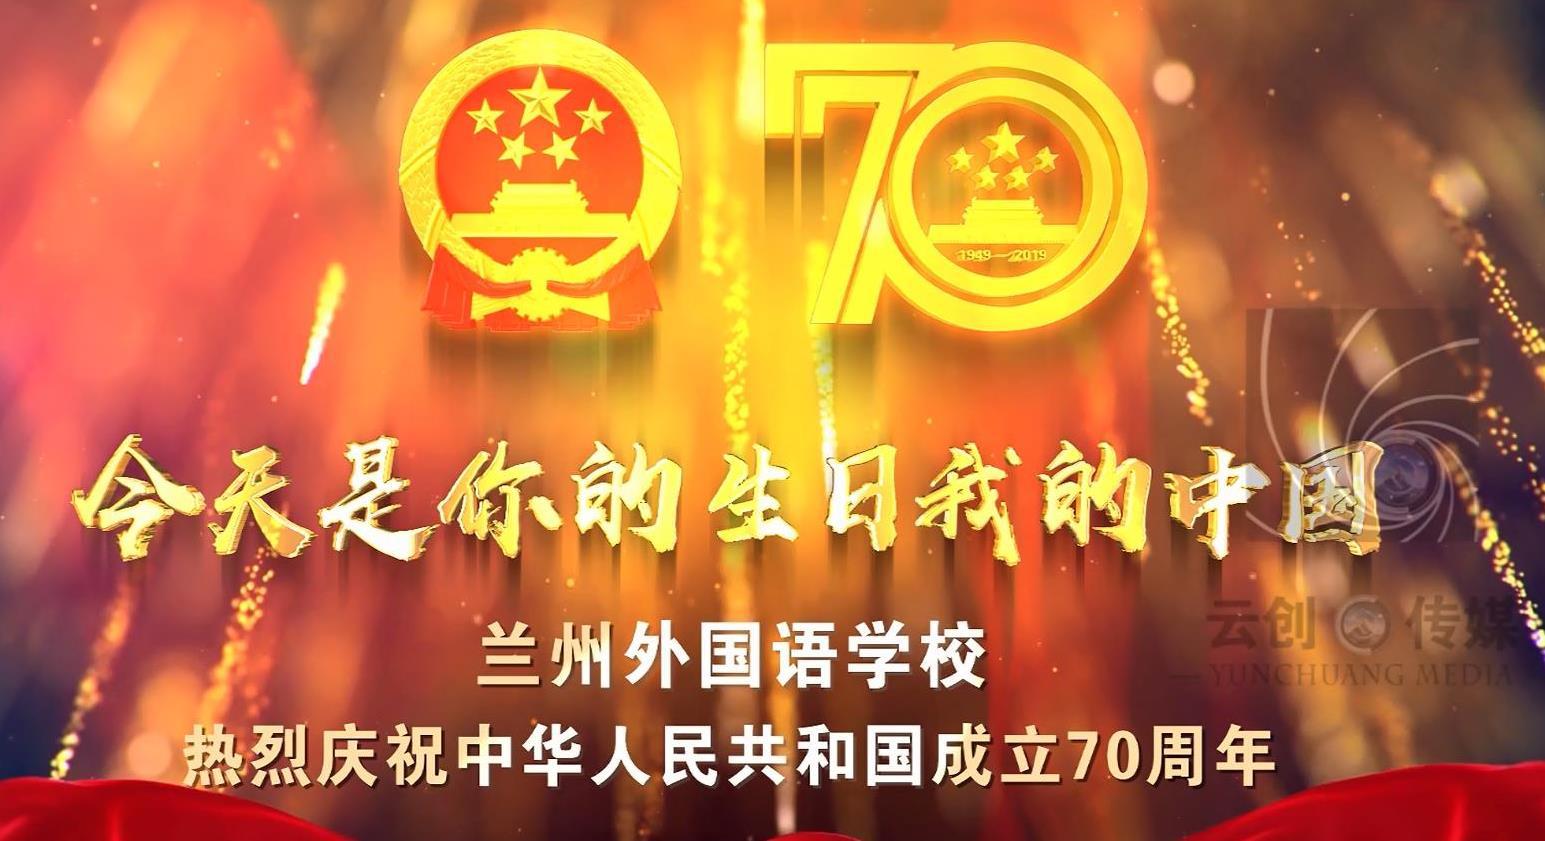 兰州外国语学校-祝福祖国70周年